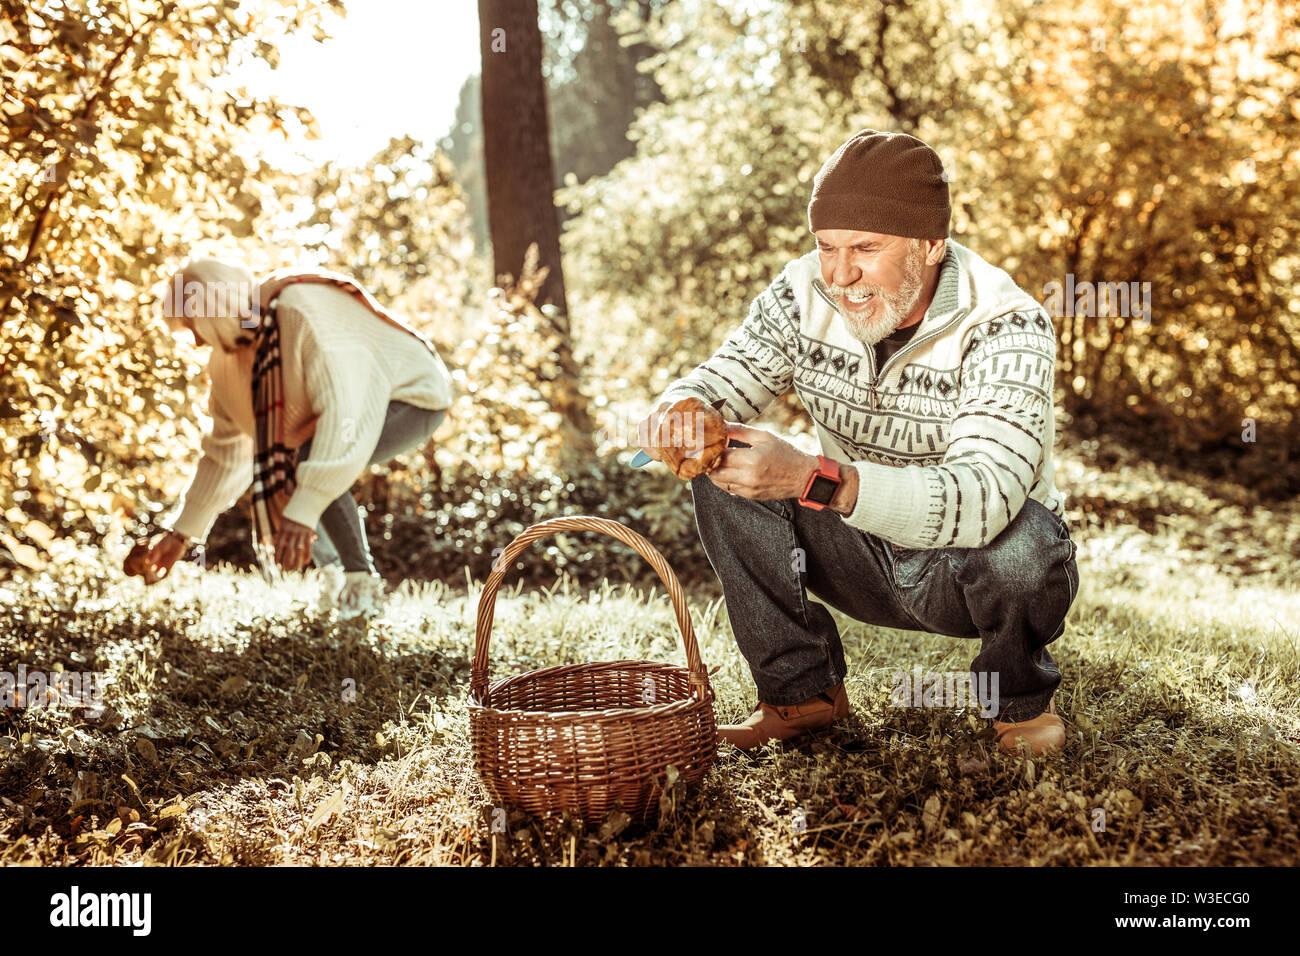 Homme heureux trouver un gros champignon dans la forêt. Photo Stock